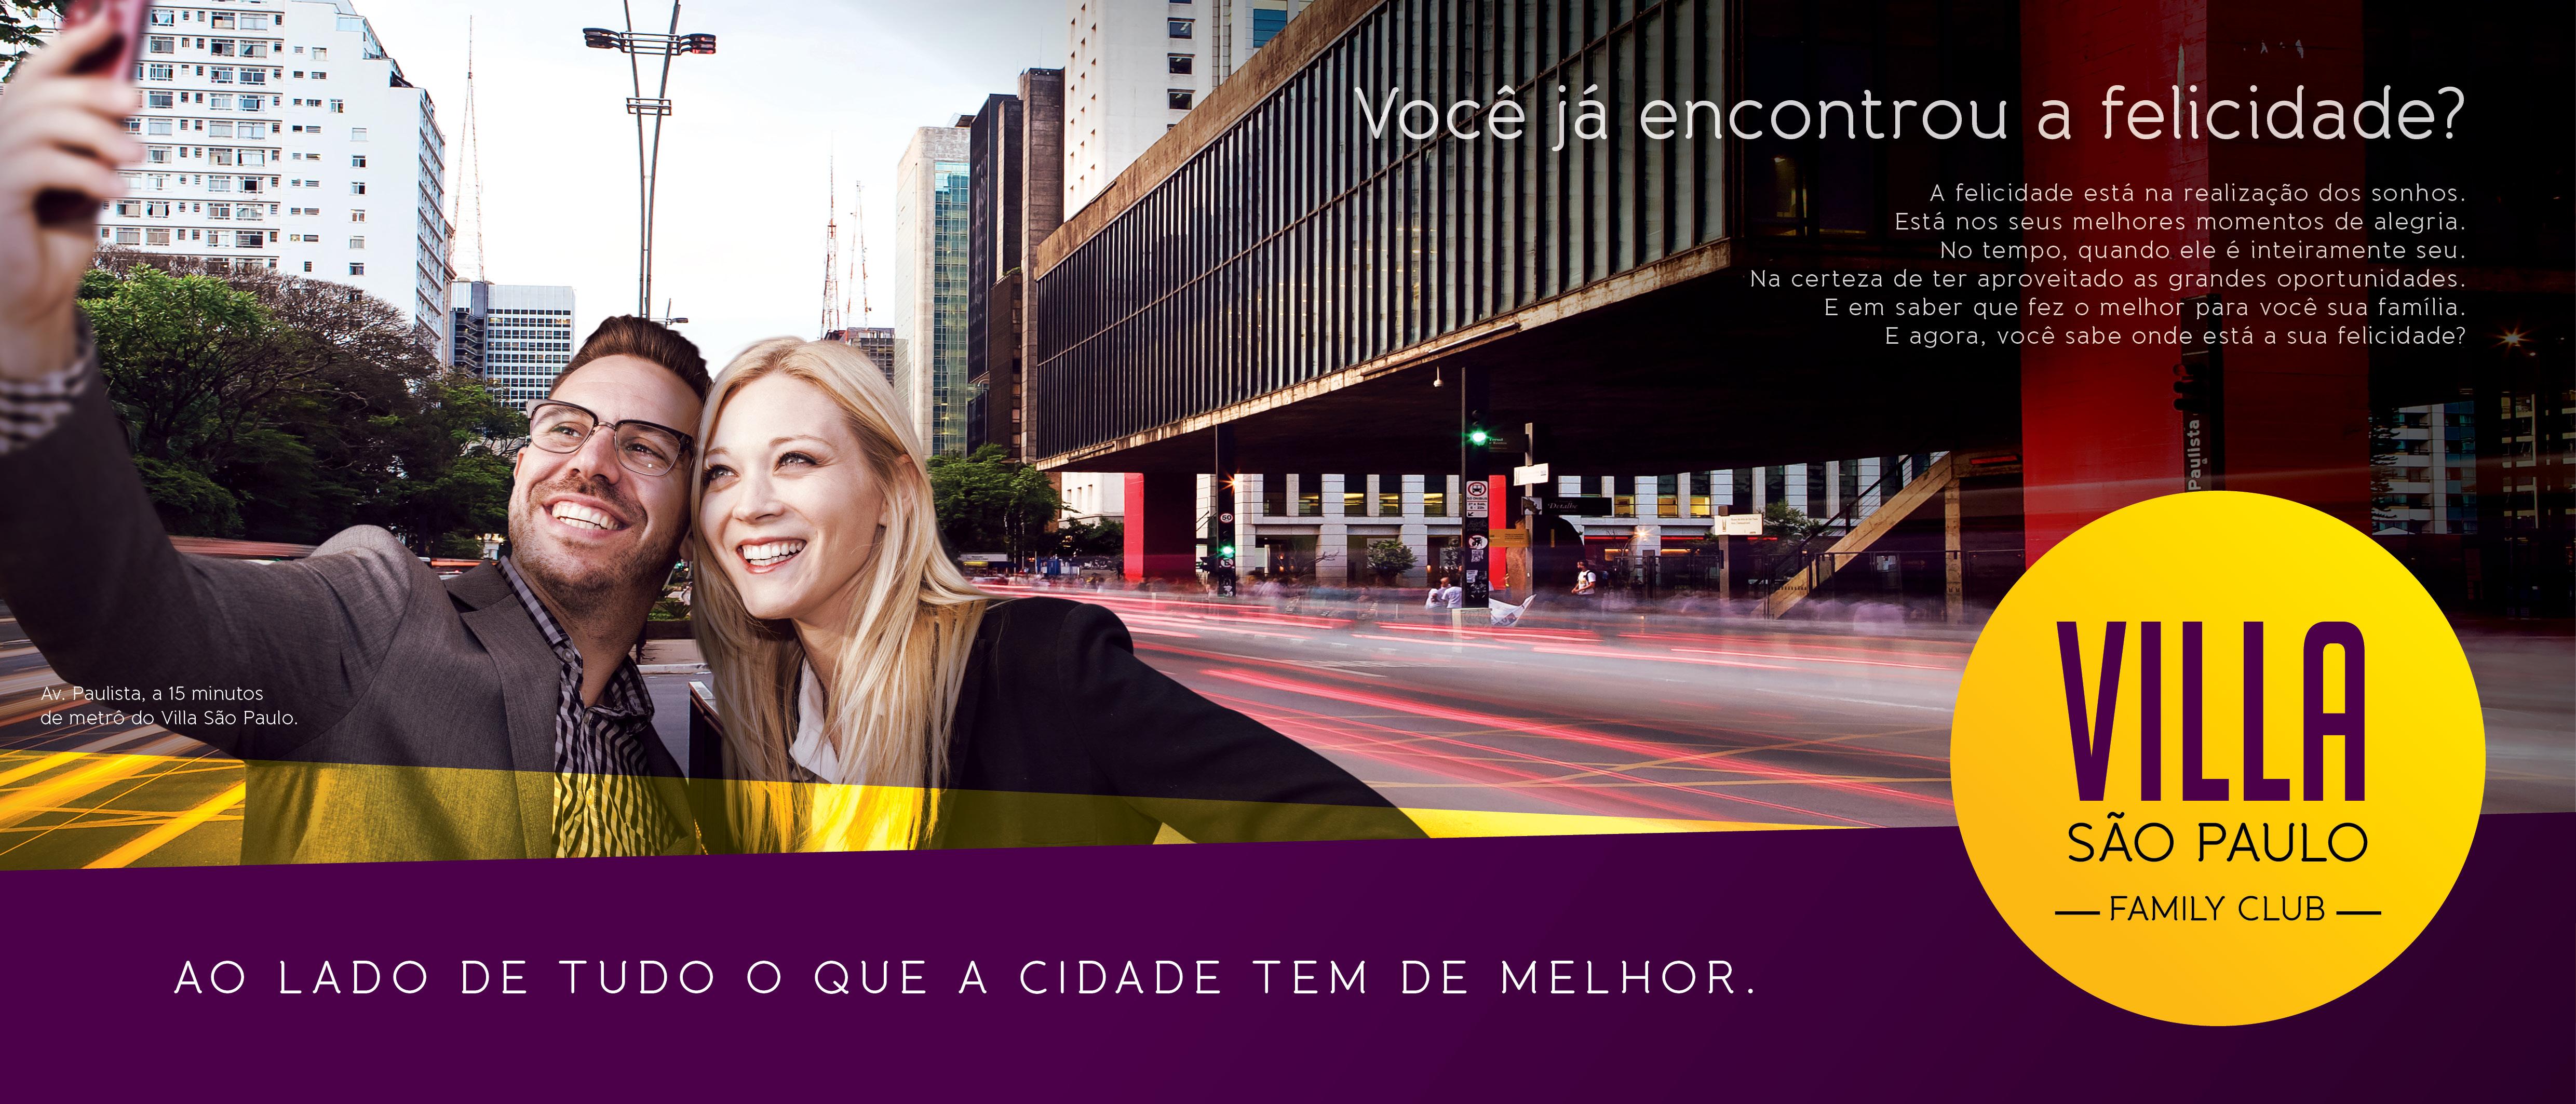 VILLA SÃO PAULO